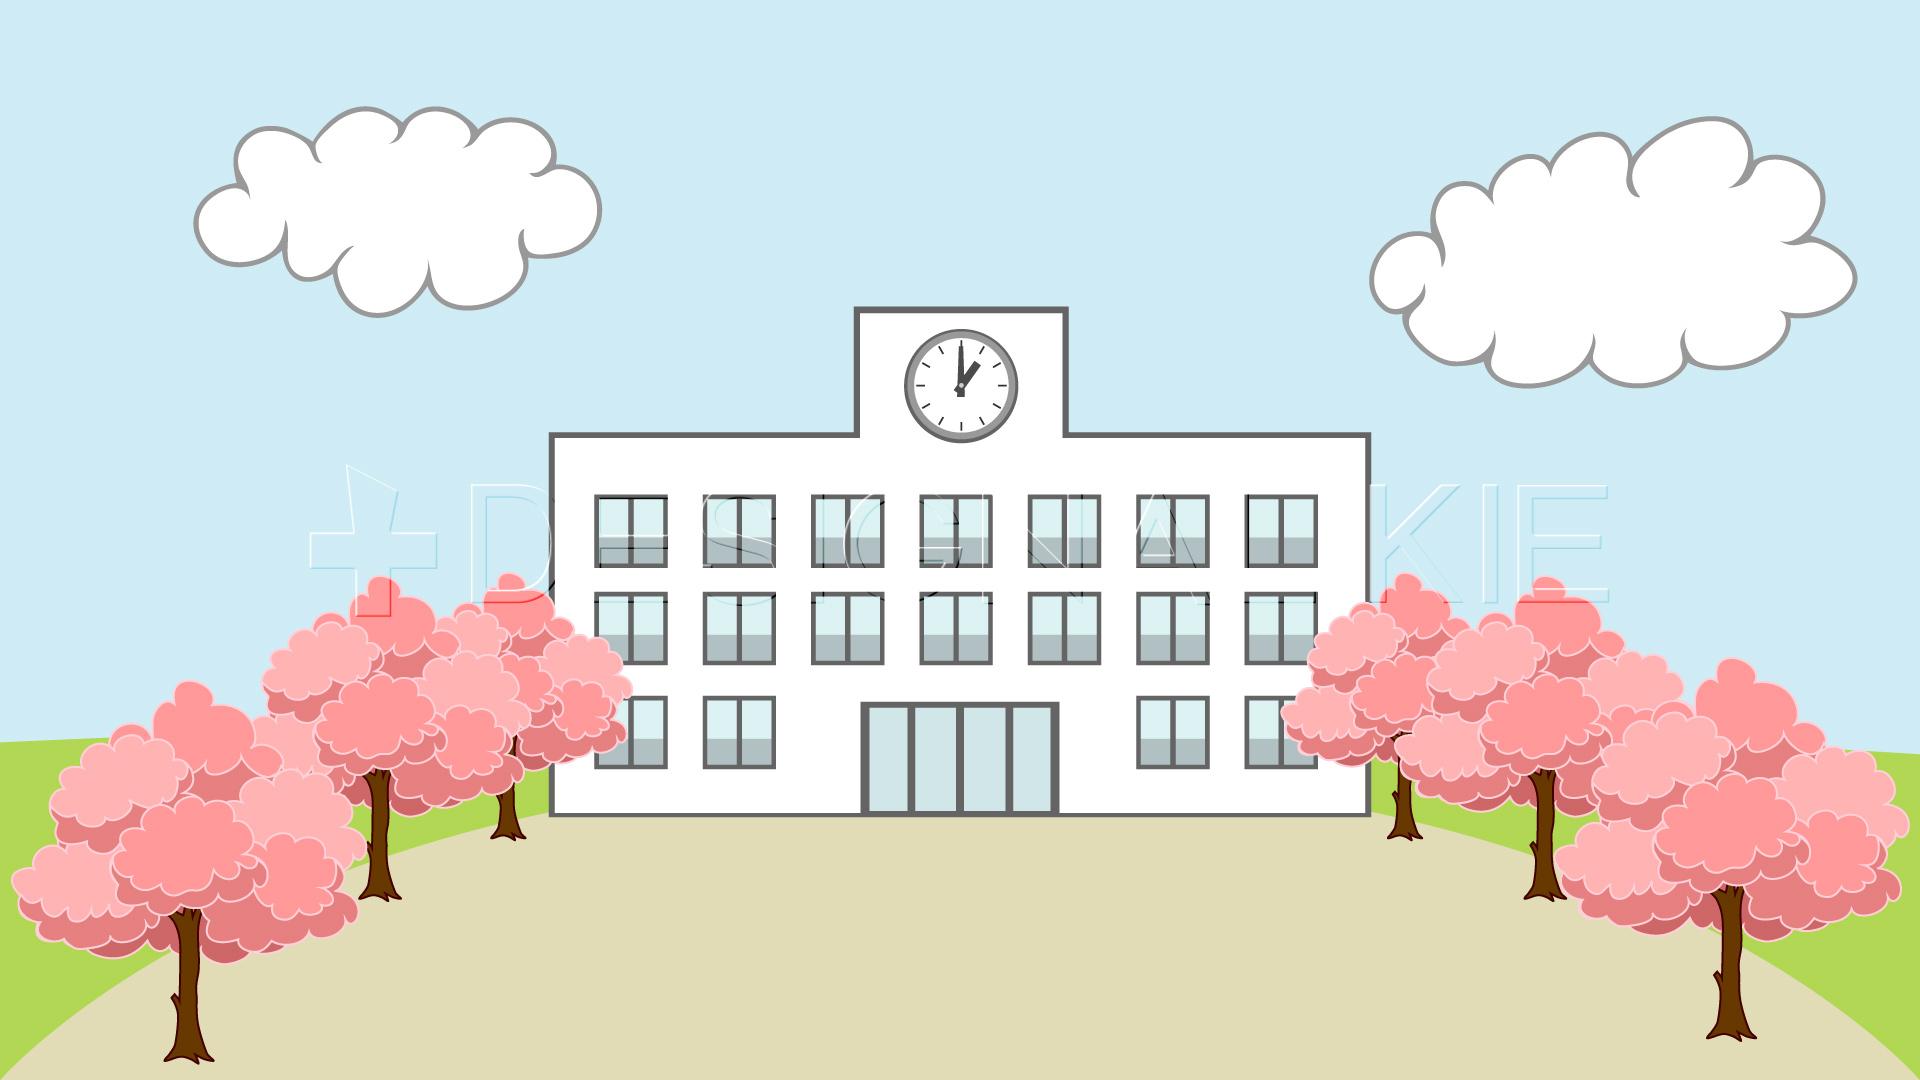 学校の入学のイラスト素材|dakimg